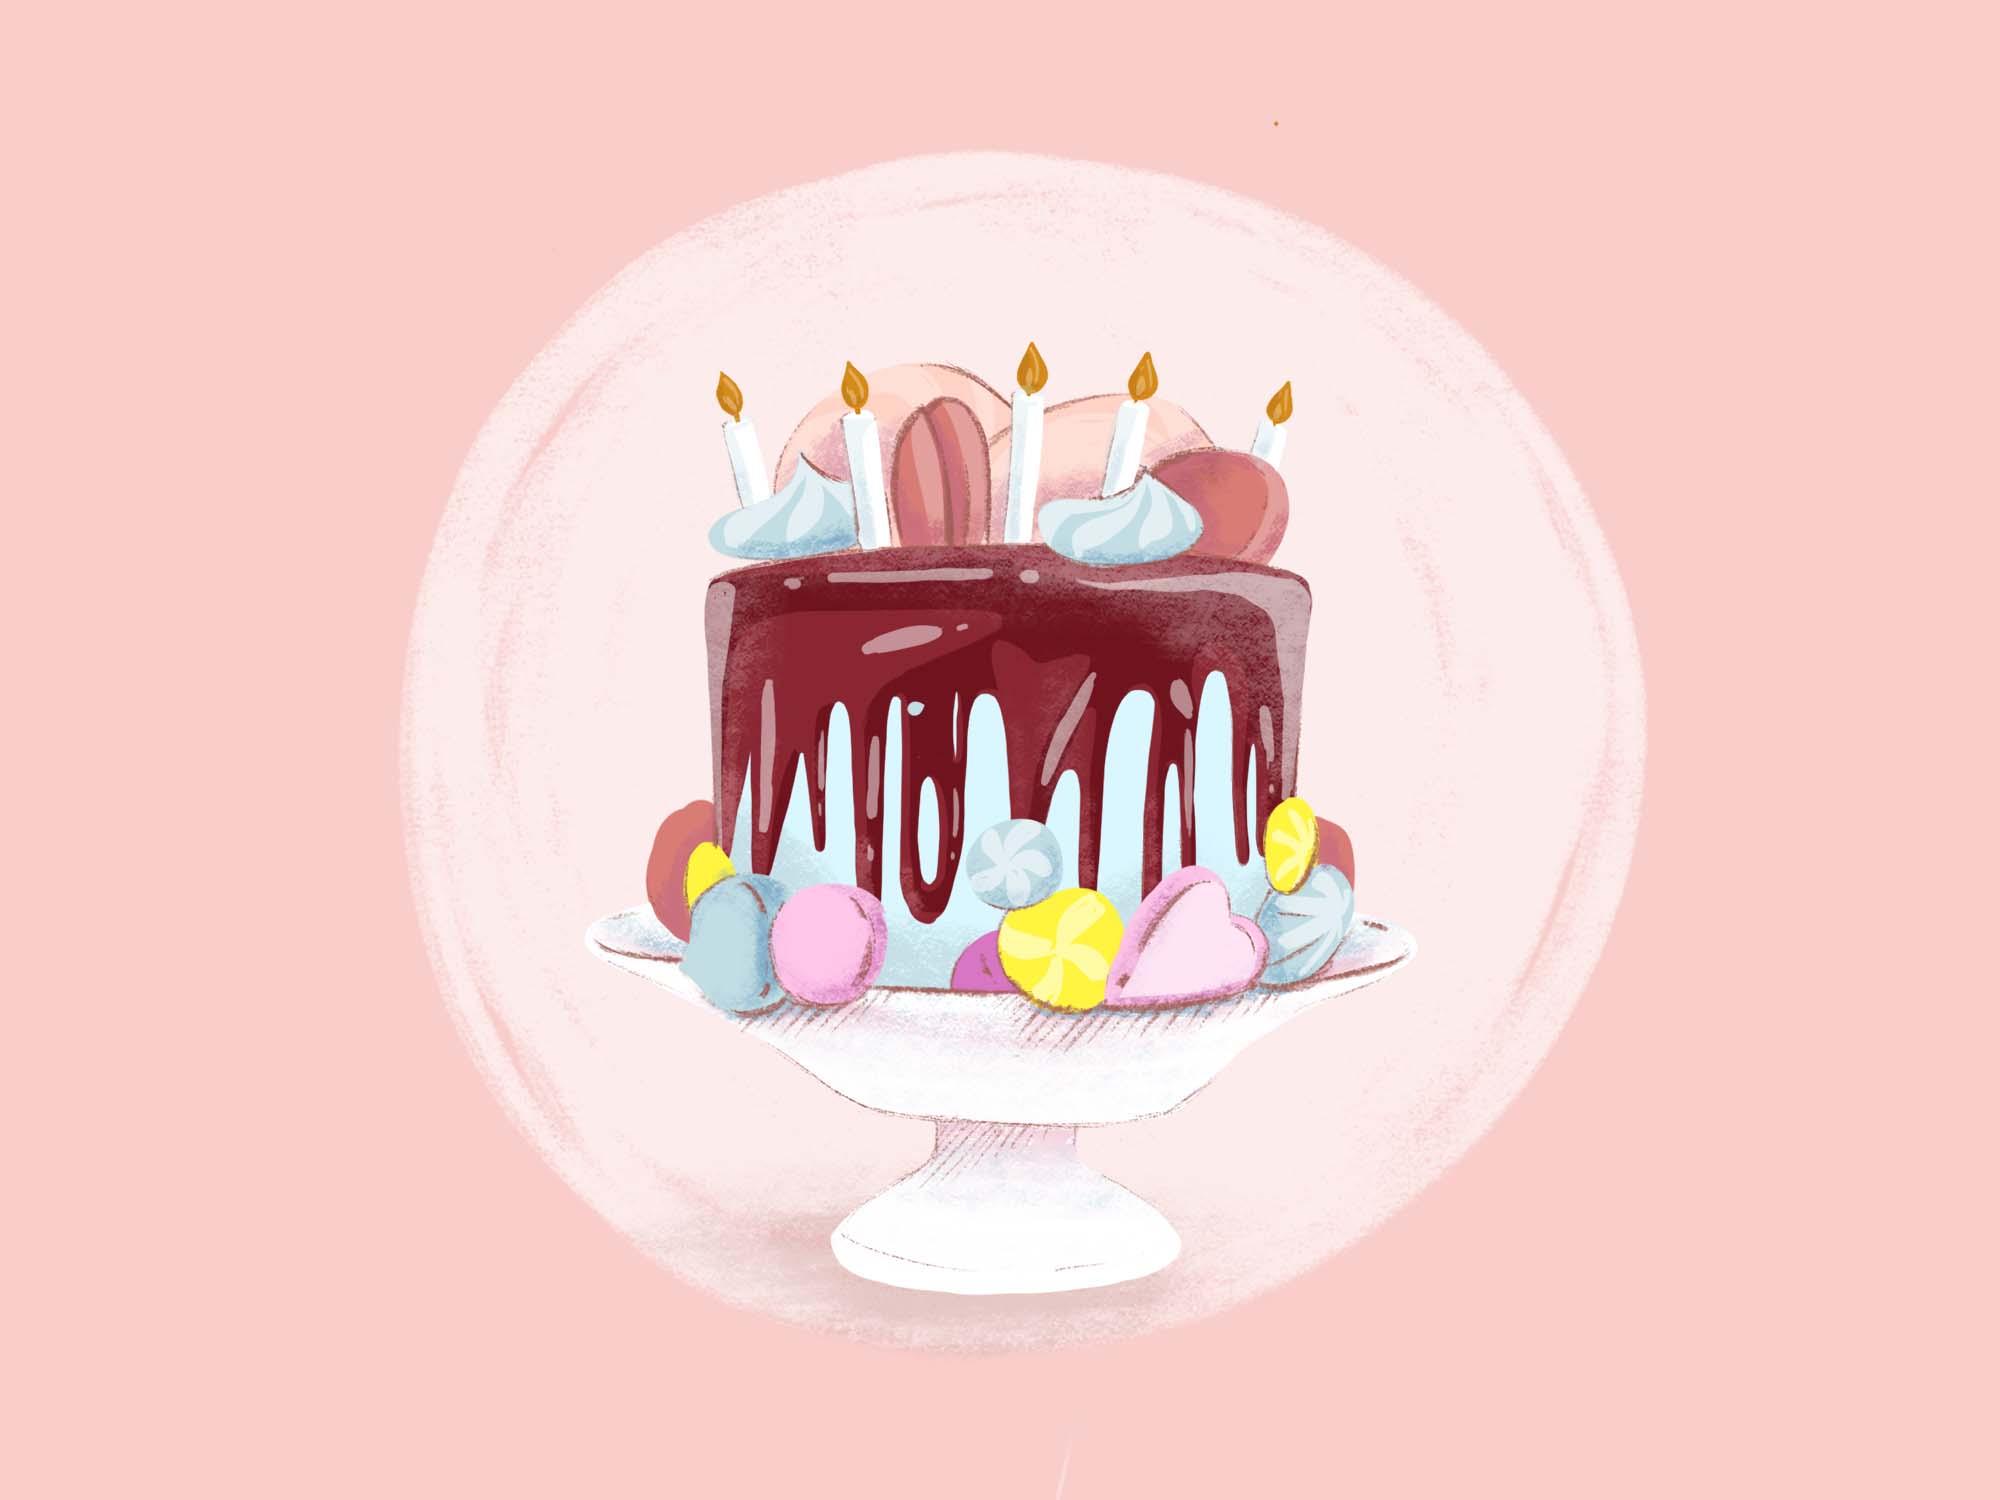 Birthday Cake Illustration 2